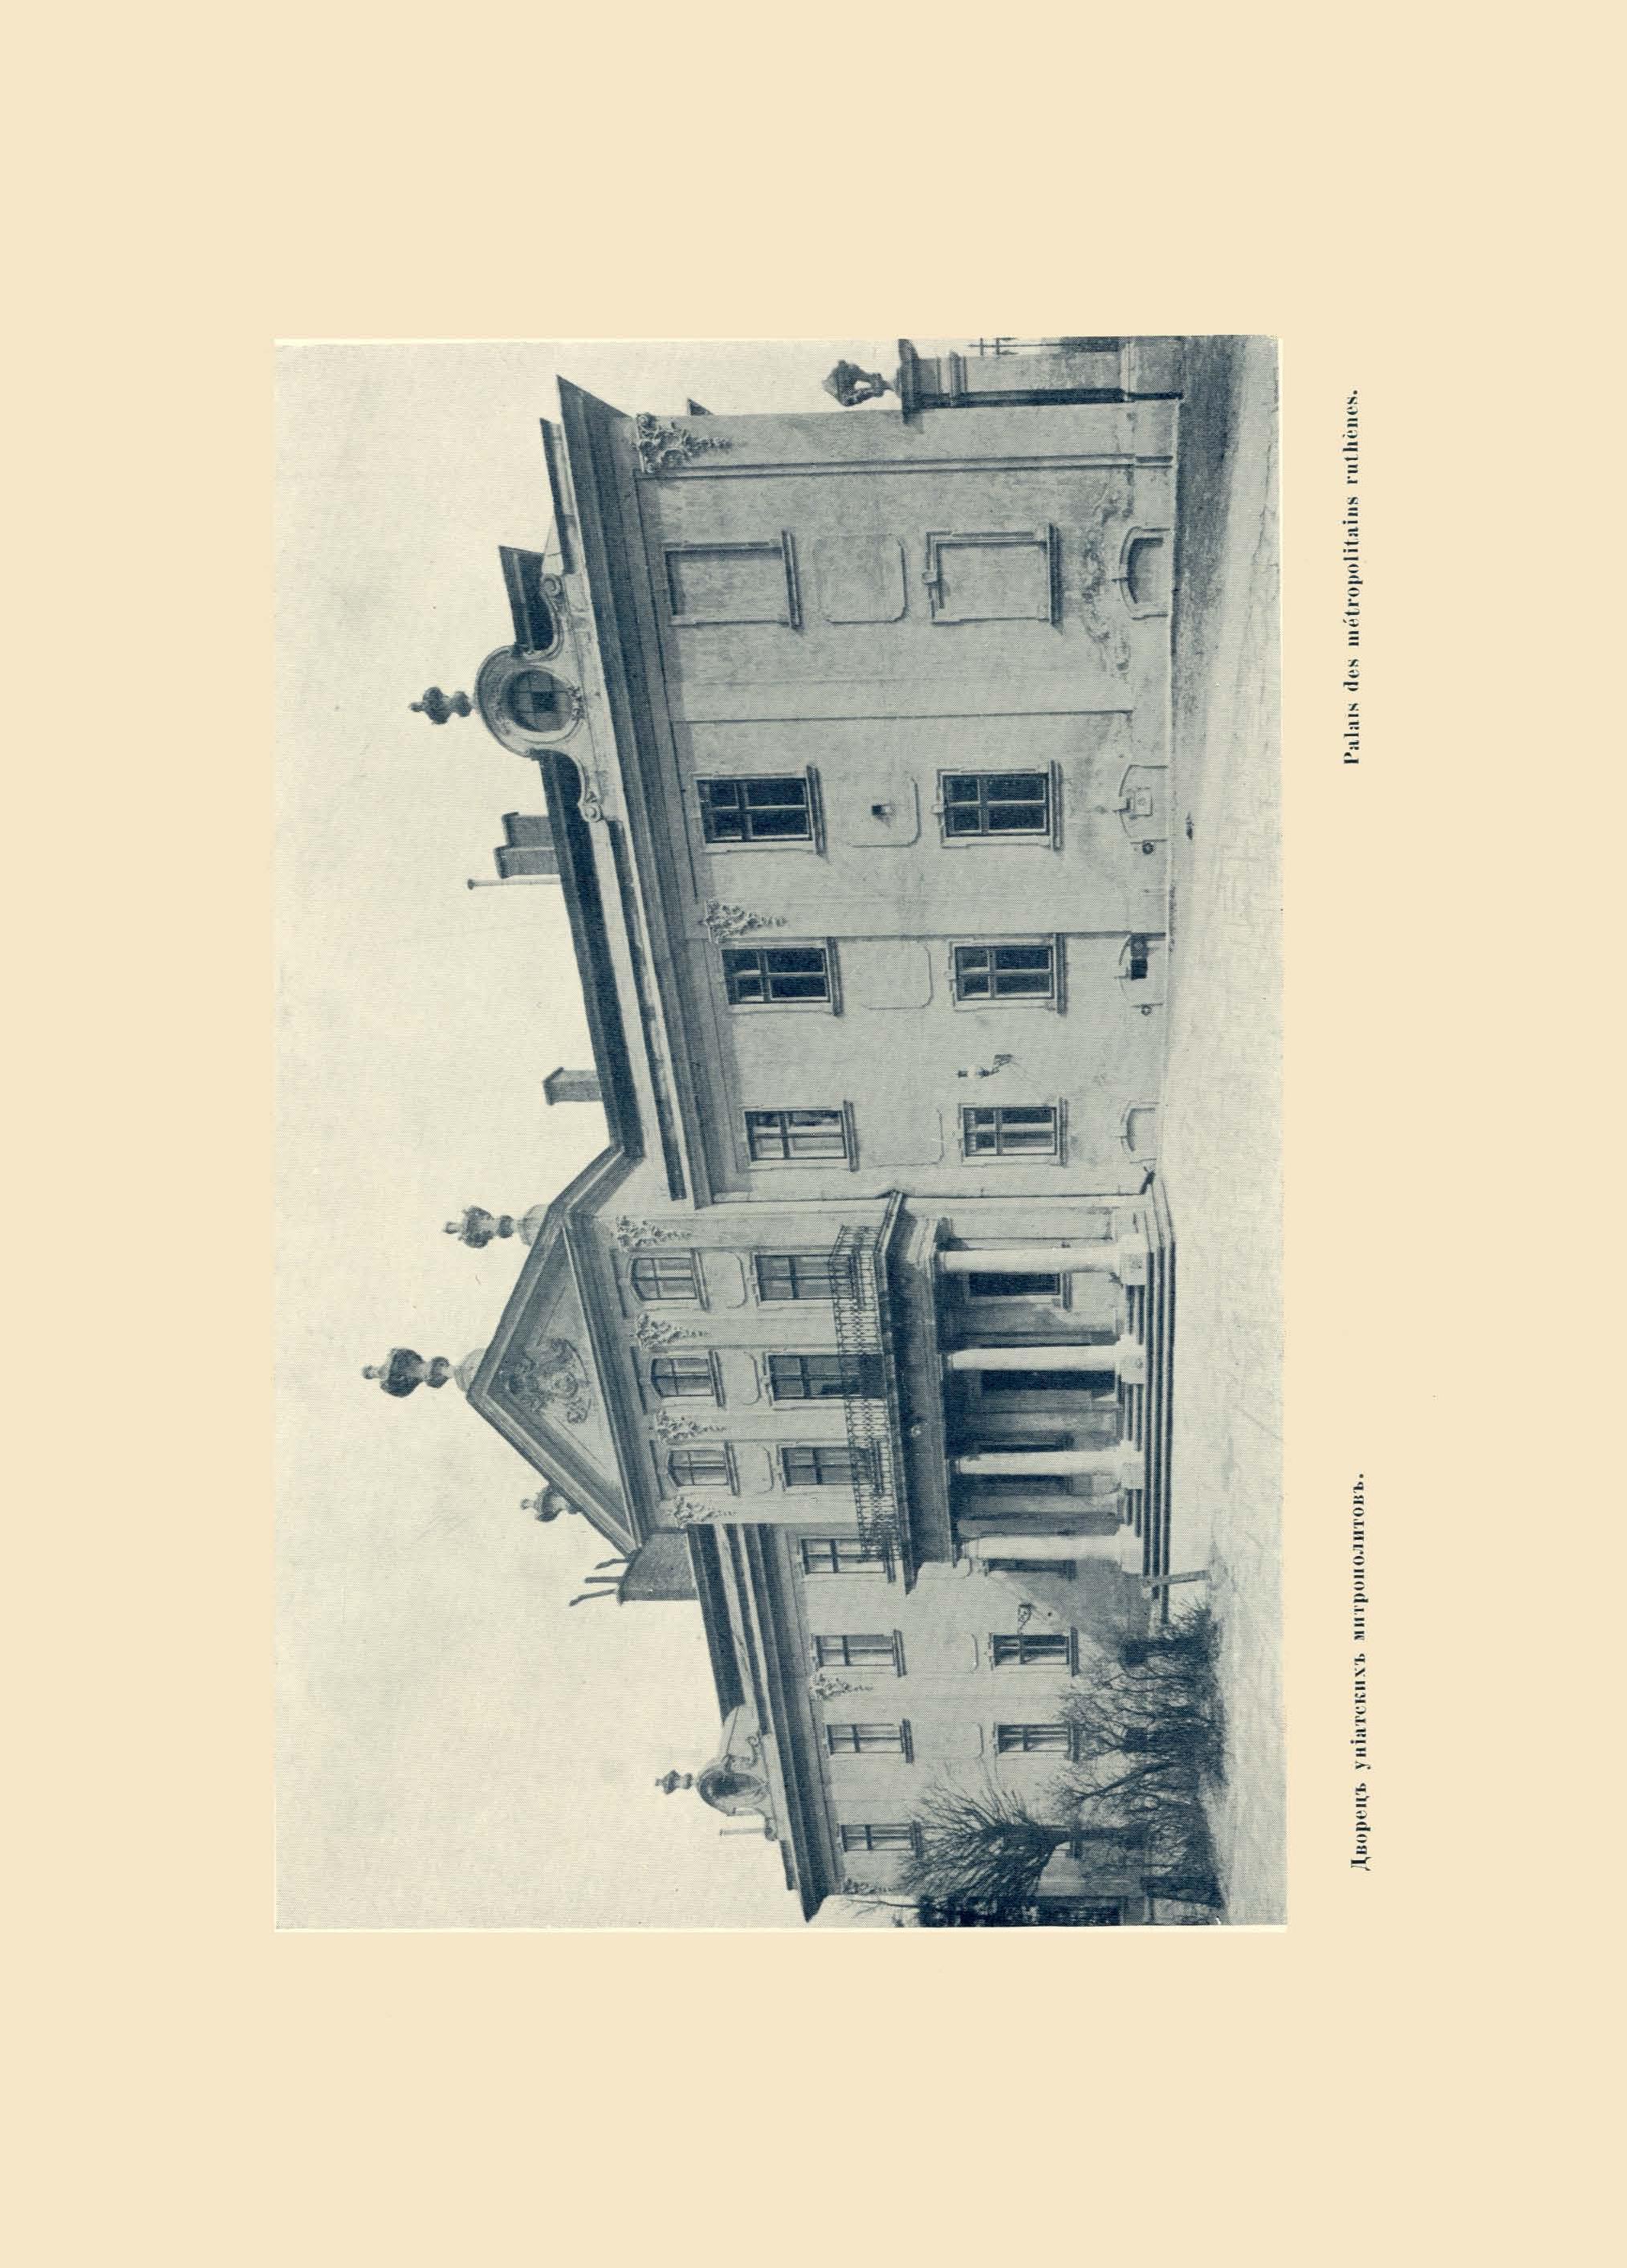 Альбом старого Львова. Верещагин В. 1917_83